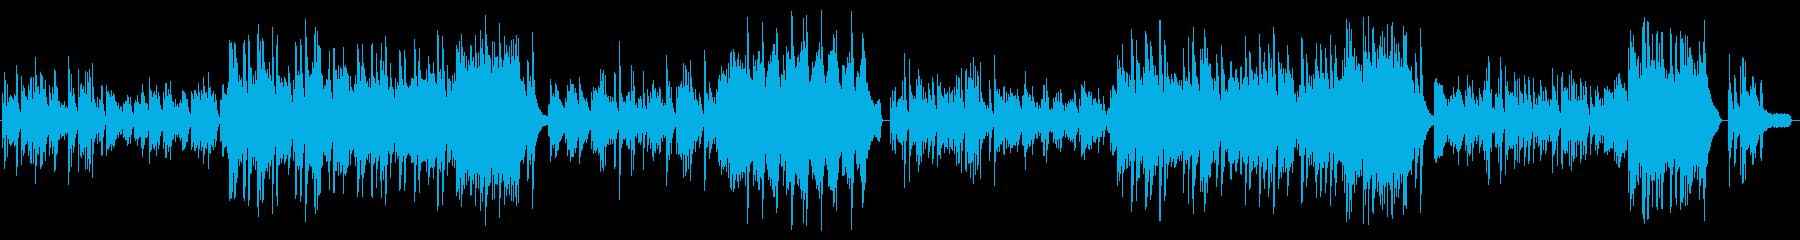 映像、感動シーン、切ないソロピアノの再生済みの波形